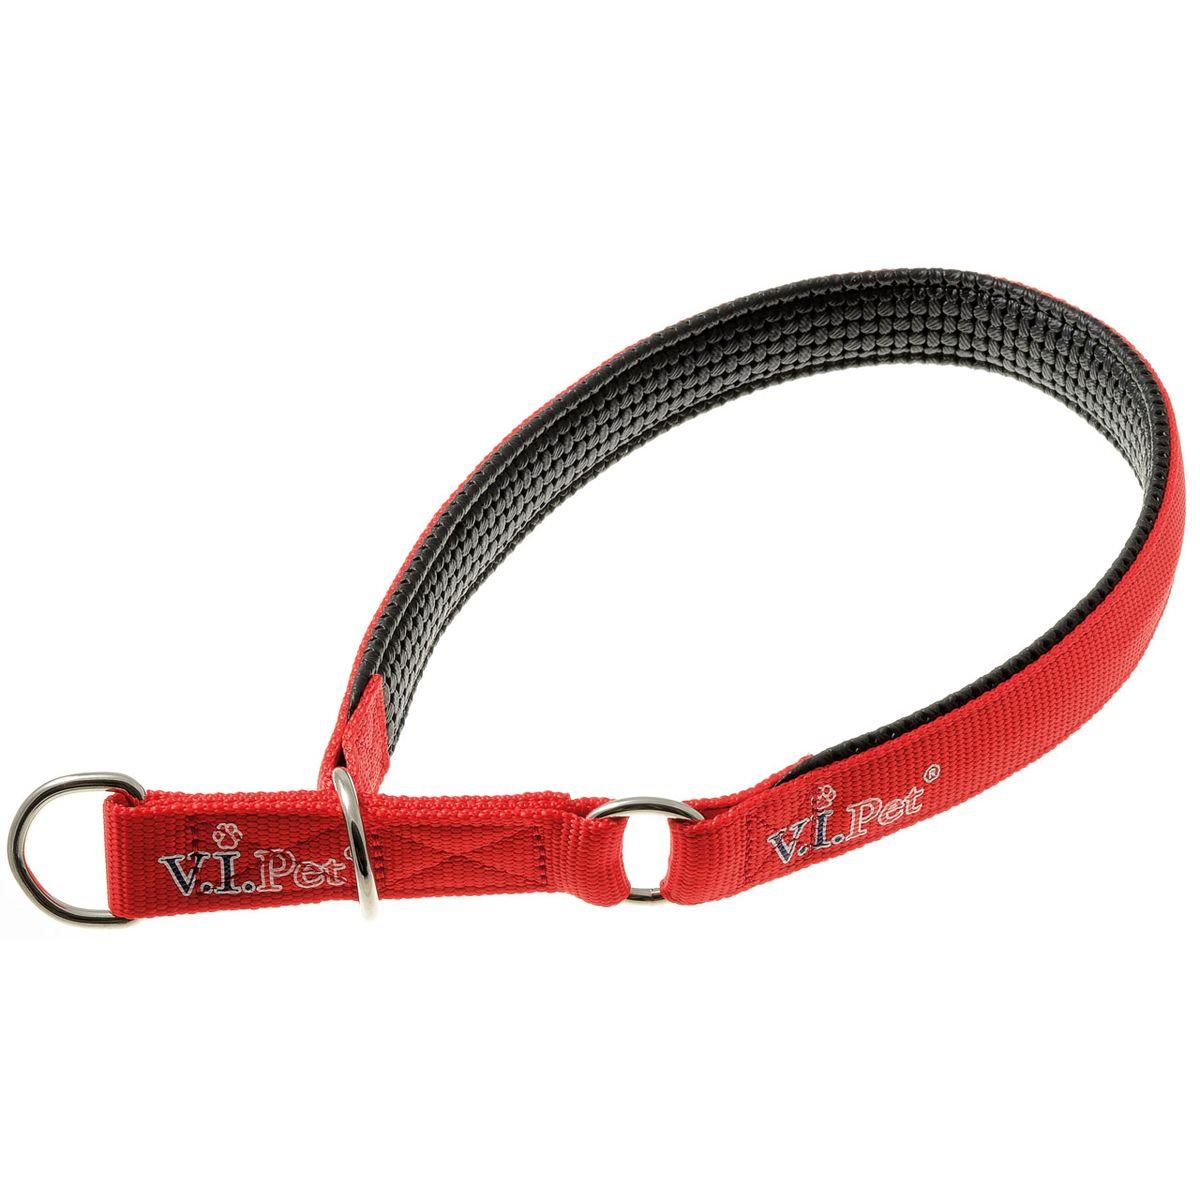 Ошейник-полуудавка с неопреновой подкладкой V.I.Pet (красный) 25мм(58-68см)75-2084